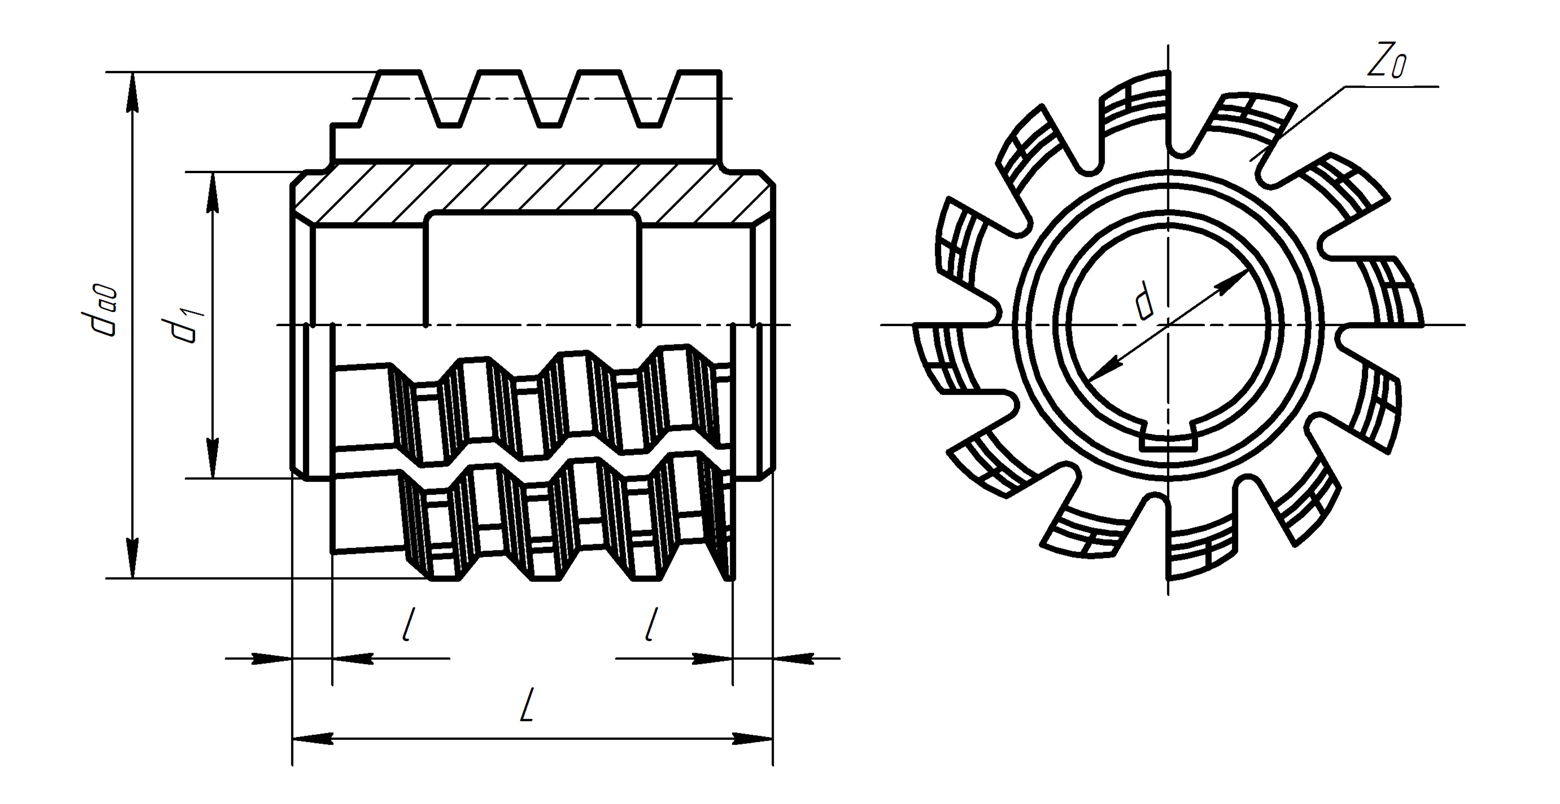 Гост 15127-83 фрезы червячные цельные для нарезания зубьев звездочек к приводным роликовым и втулочным цепям. технические условия